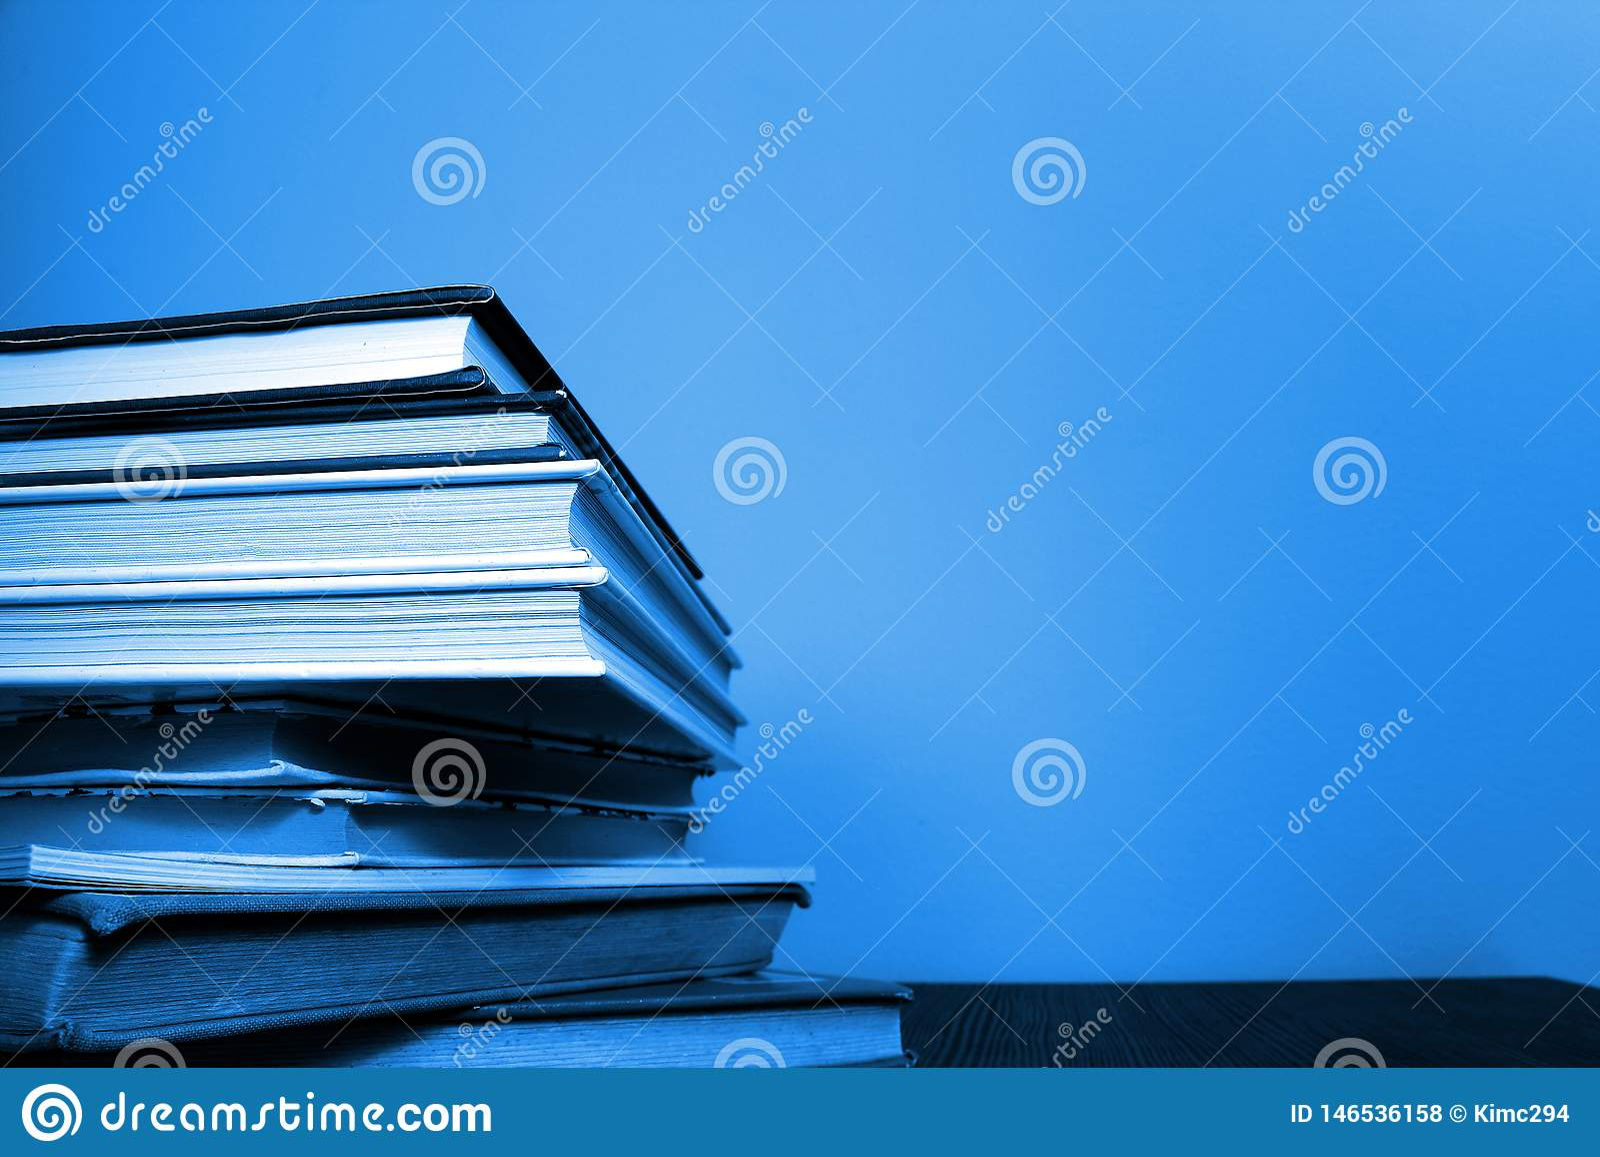 Książki brogować na lewej stronie fotografia Mi?kki b??kitny brzmienie